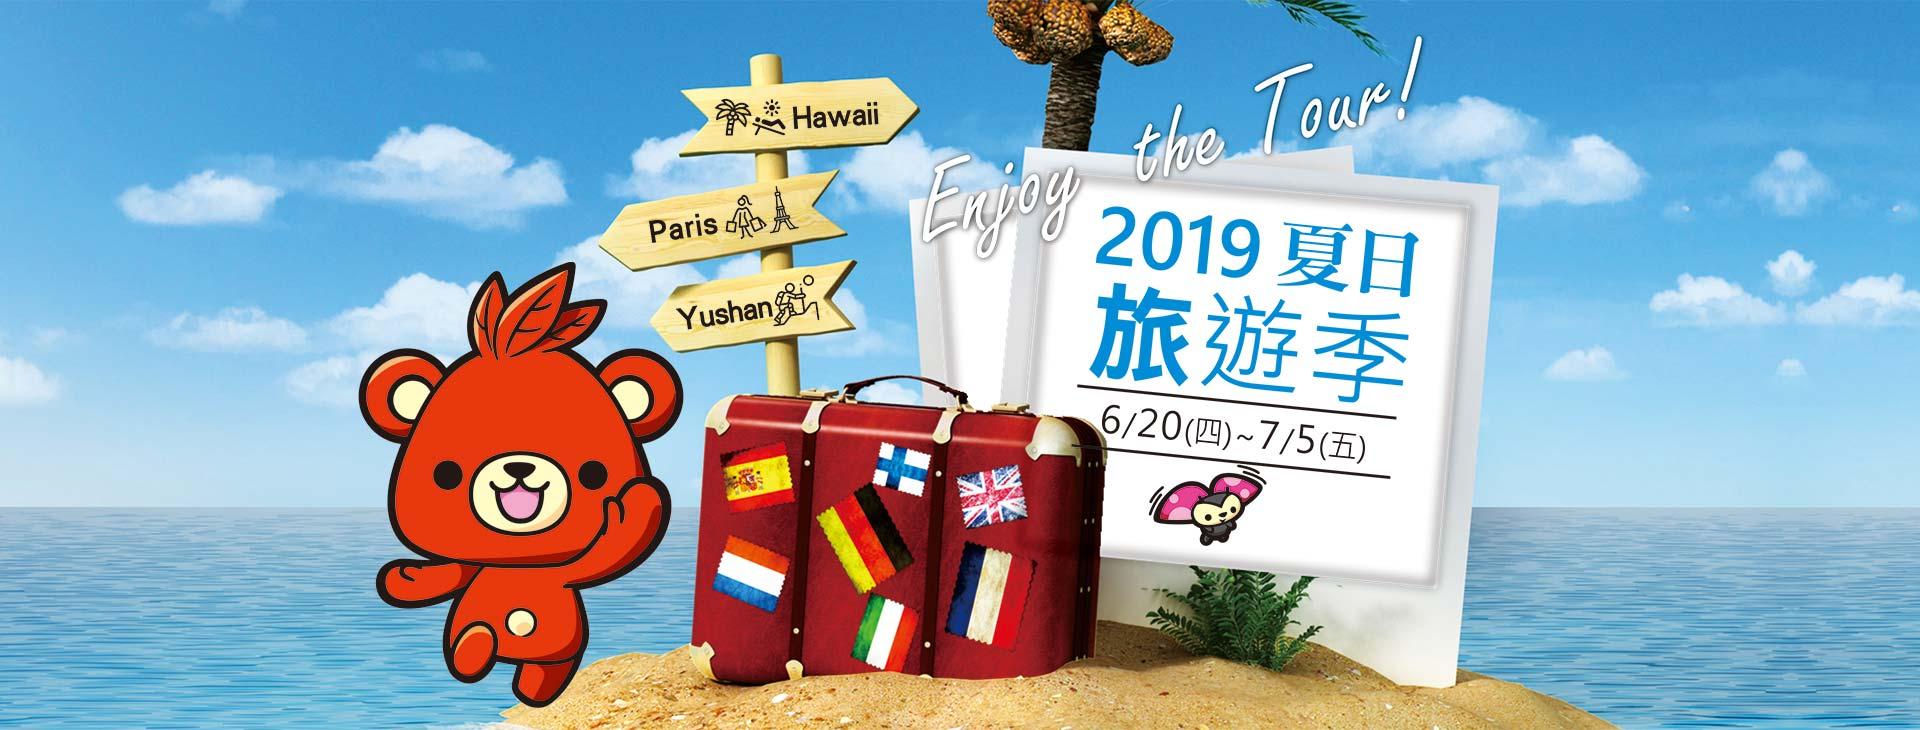 2019 夏日旅遊季